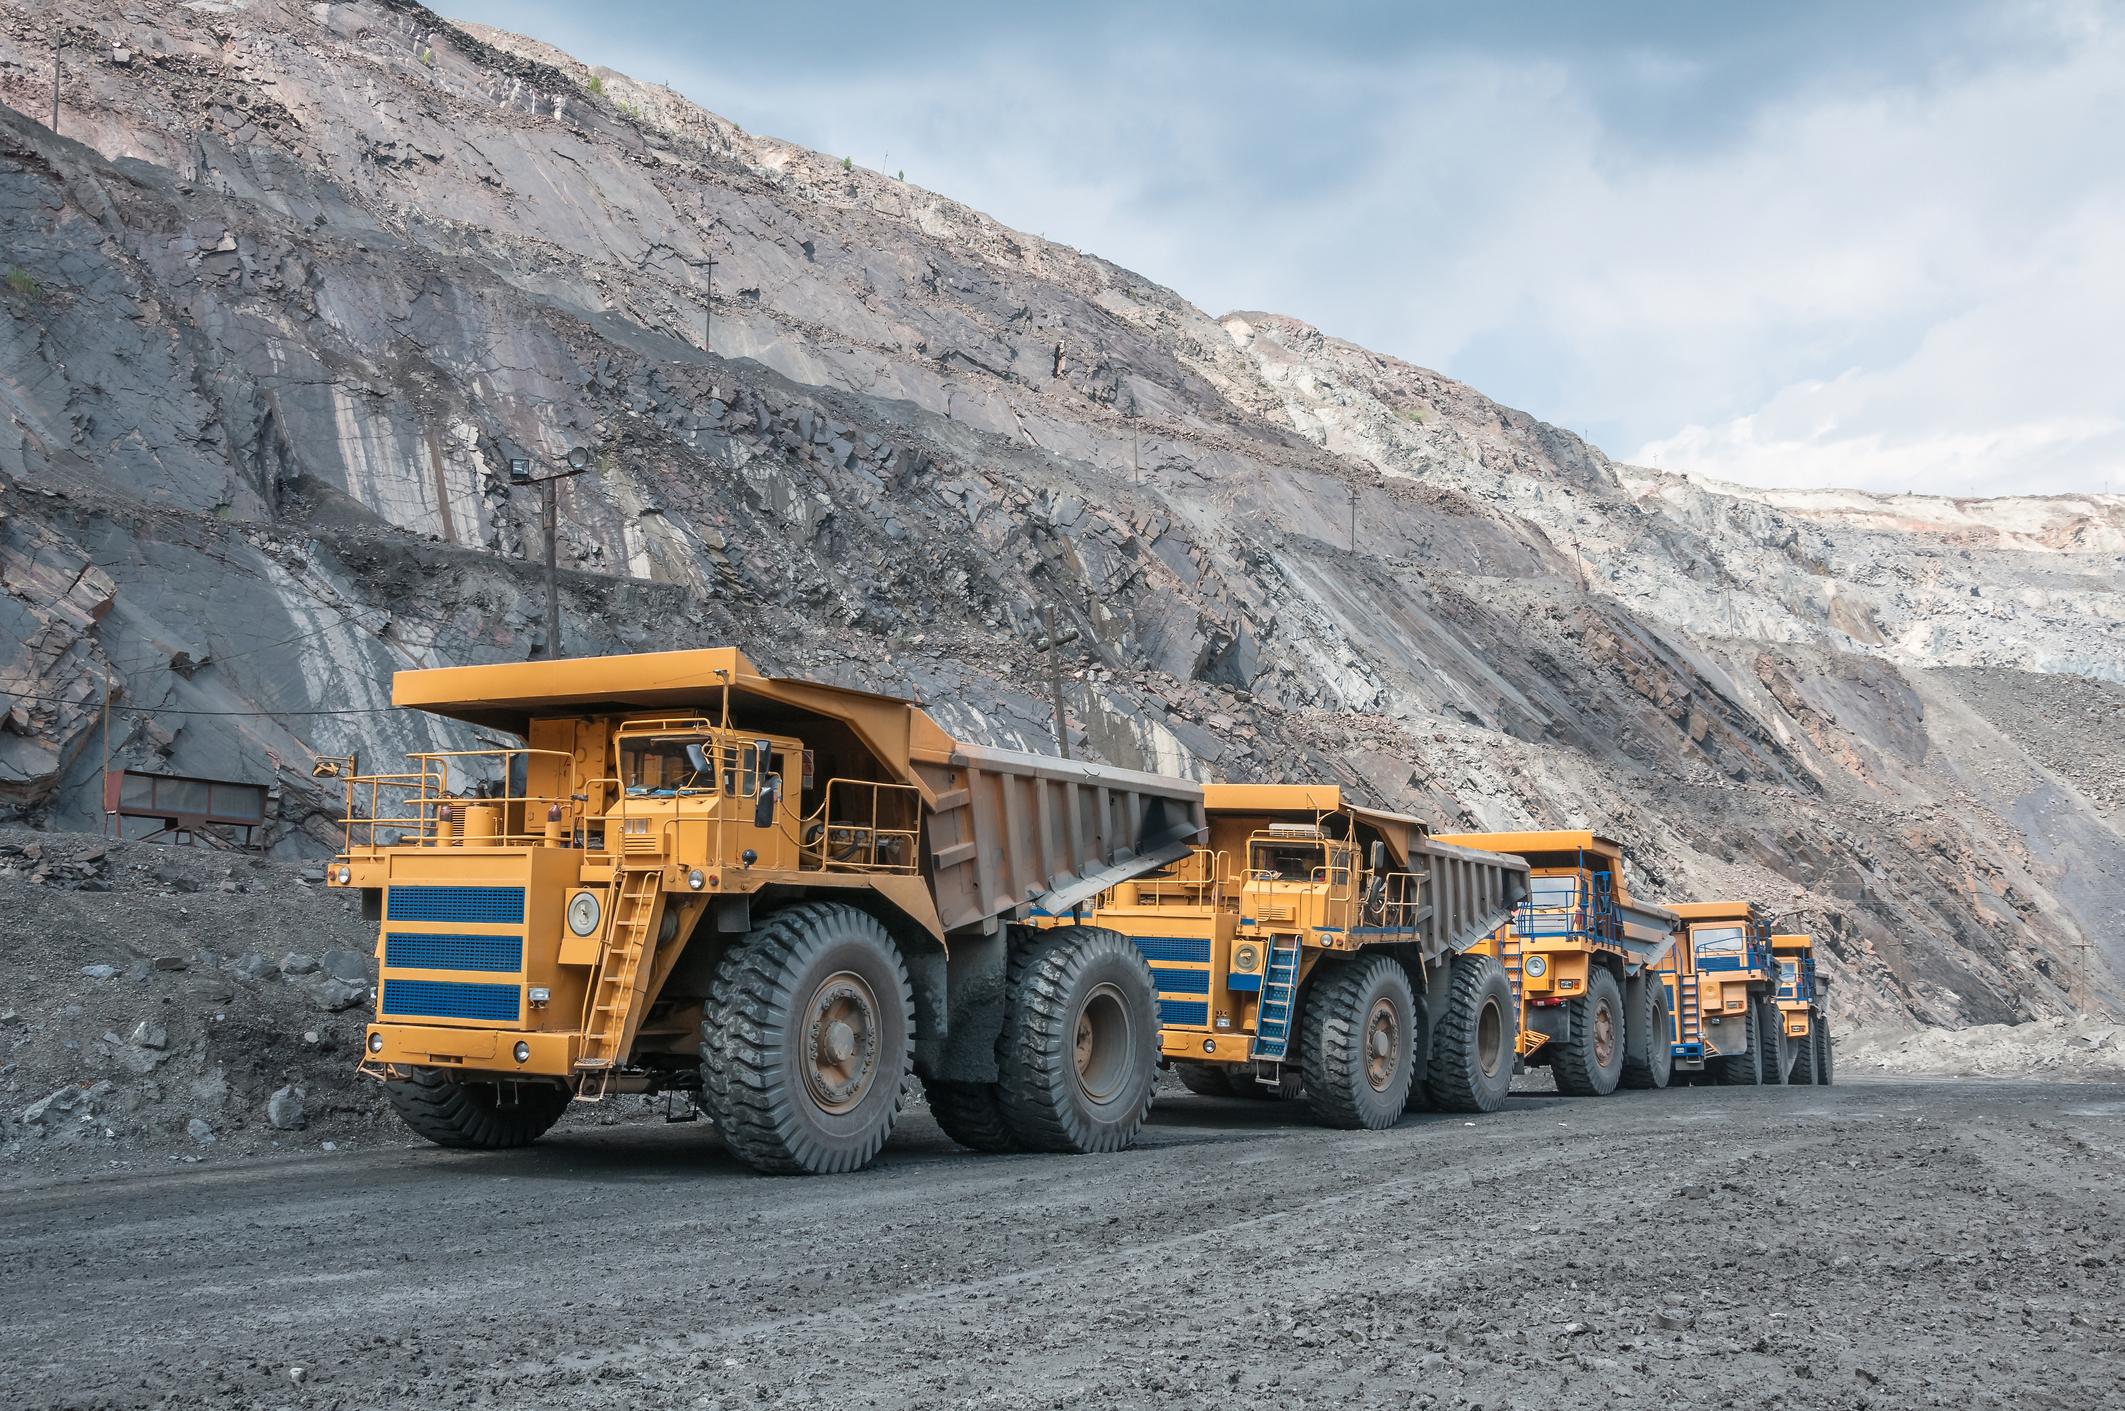 A line of dump trucks in an open-pit mine.